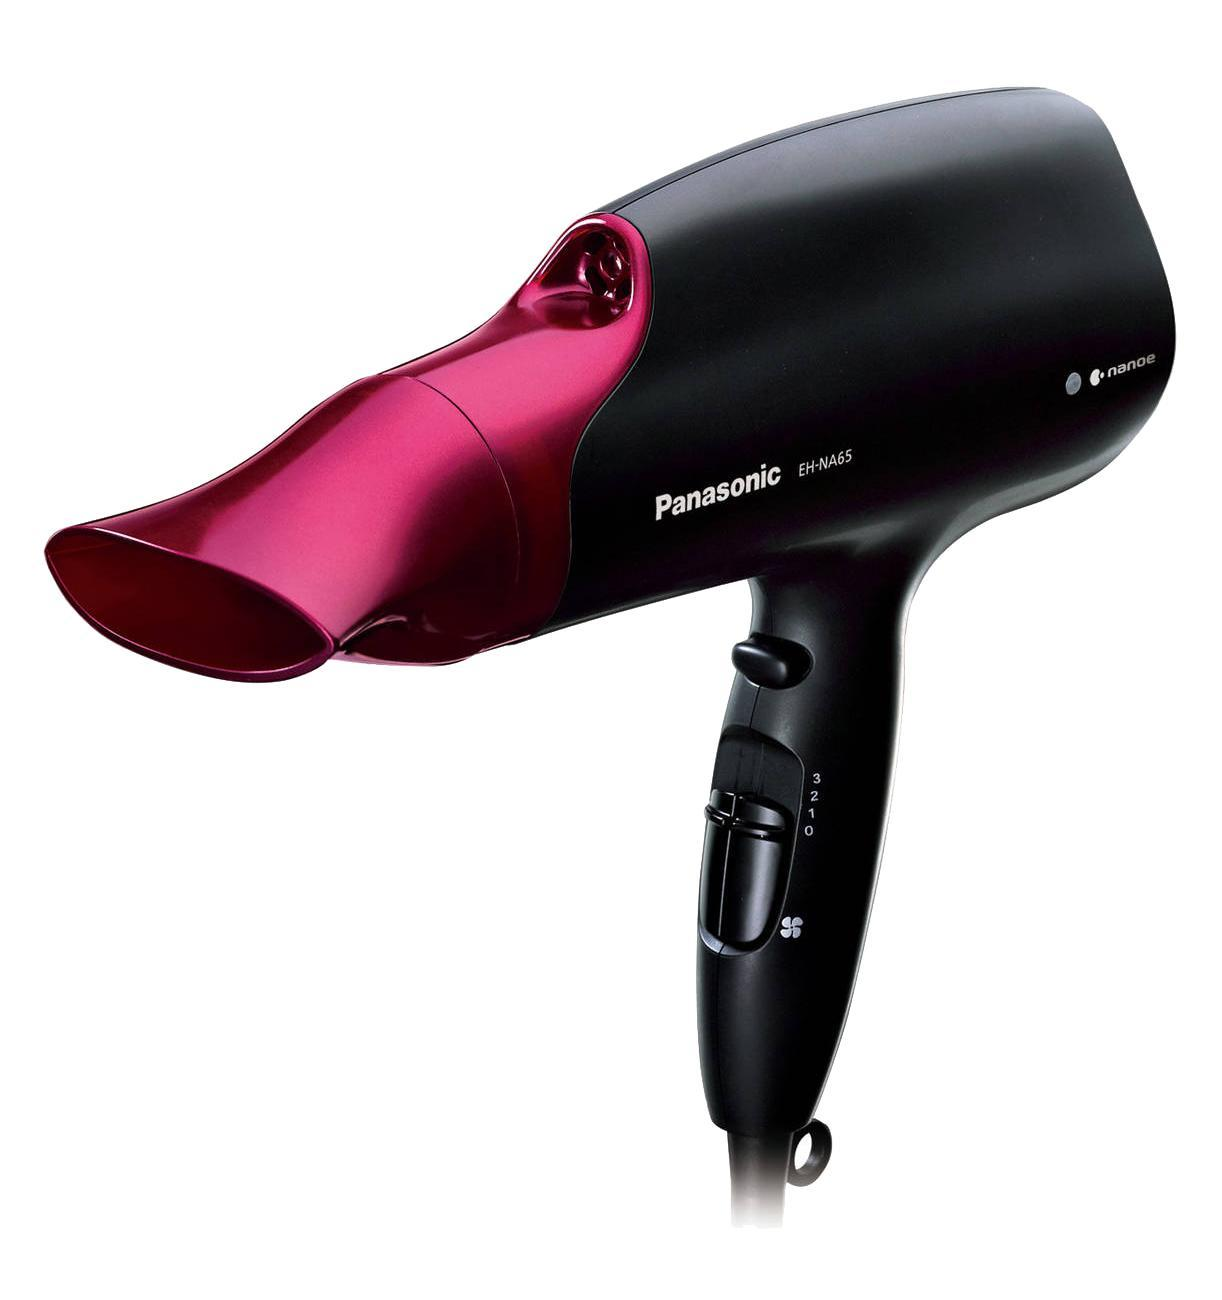 Фен Panasonic EH-NA65-K865EH-NA65-K865Технология nanoeувлажняет поврежденные волосы, способствуя их постепенному восстановлению, увлажняет кожу головы.nanoeсокращает повреждение волос при расчесыванииМошный воздушный потокСушите волосы быстро и легко в домашних условиях благодаря профессиональной мощности воздушного потока.Насадка-концентрат для Quick DryВысокое/Низкое регулируемое давление воздуха расправляет волосы, ускоряя их сушку.